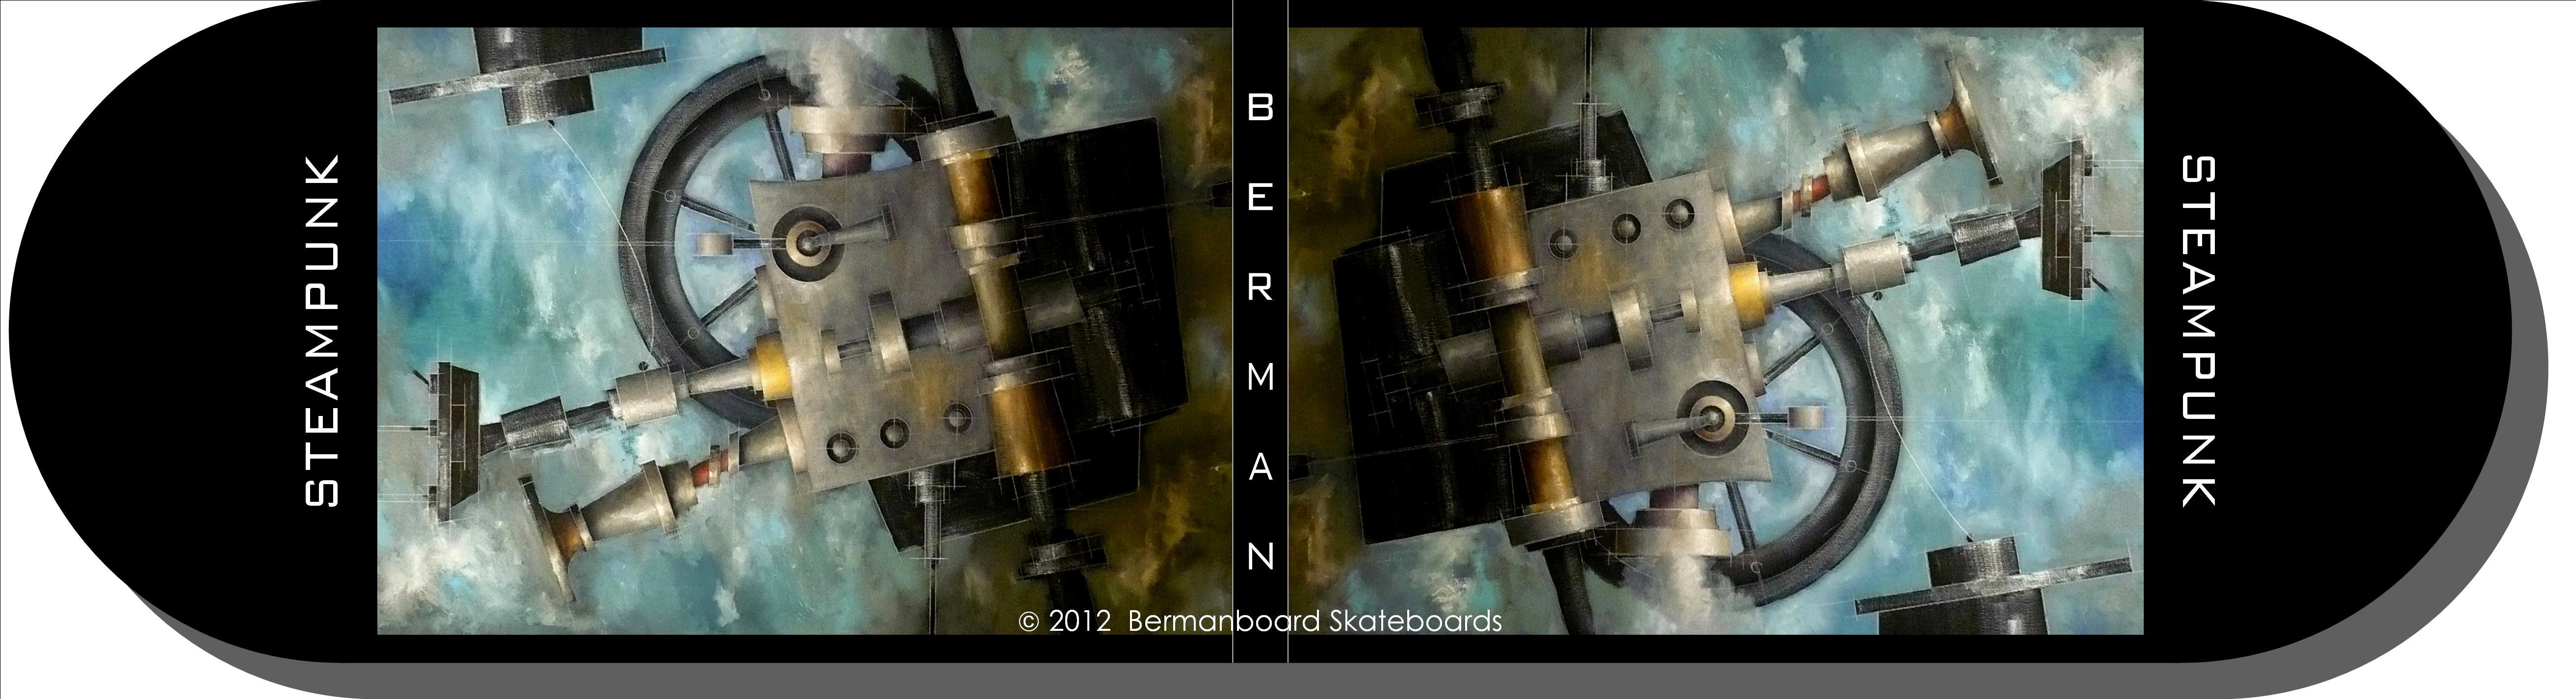 Ken Berman: Steampunk Skateboard Artist